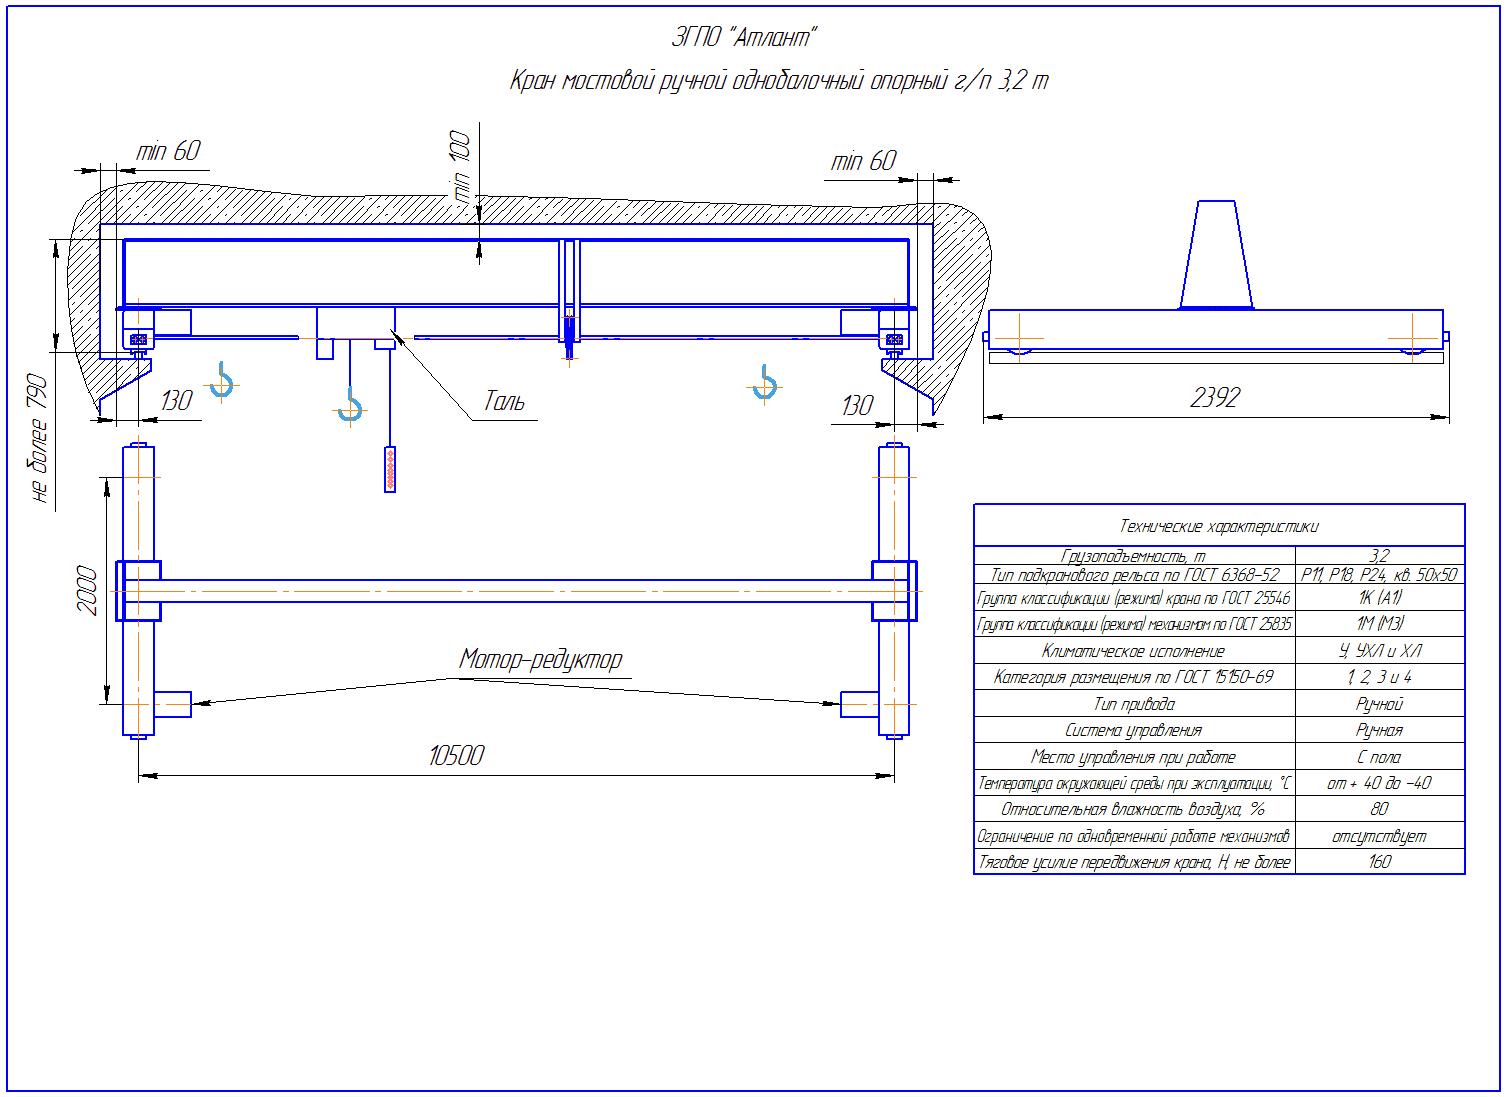 KRMOO 3 105 - Кран ручной мостовой опорный однобалочный